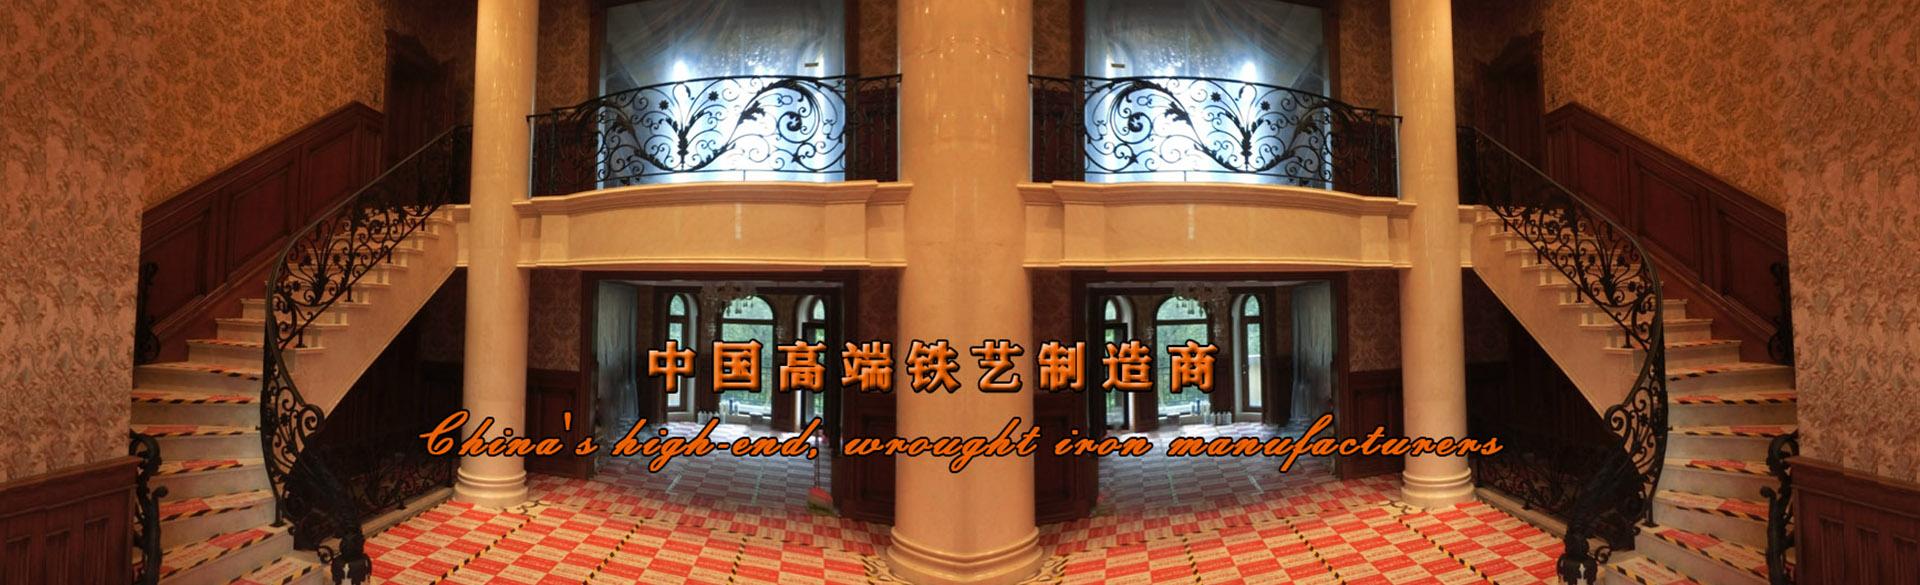 哈尔滨铁艺